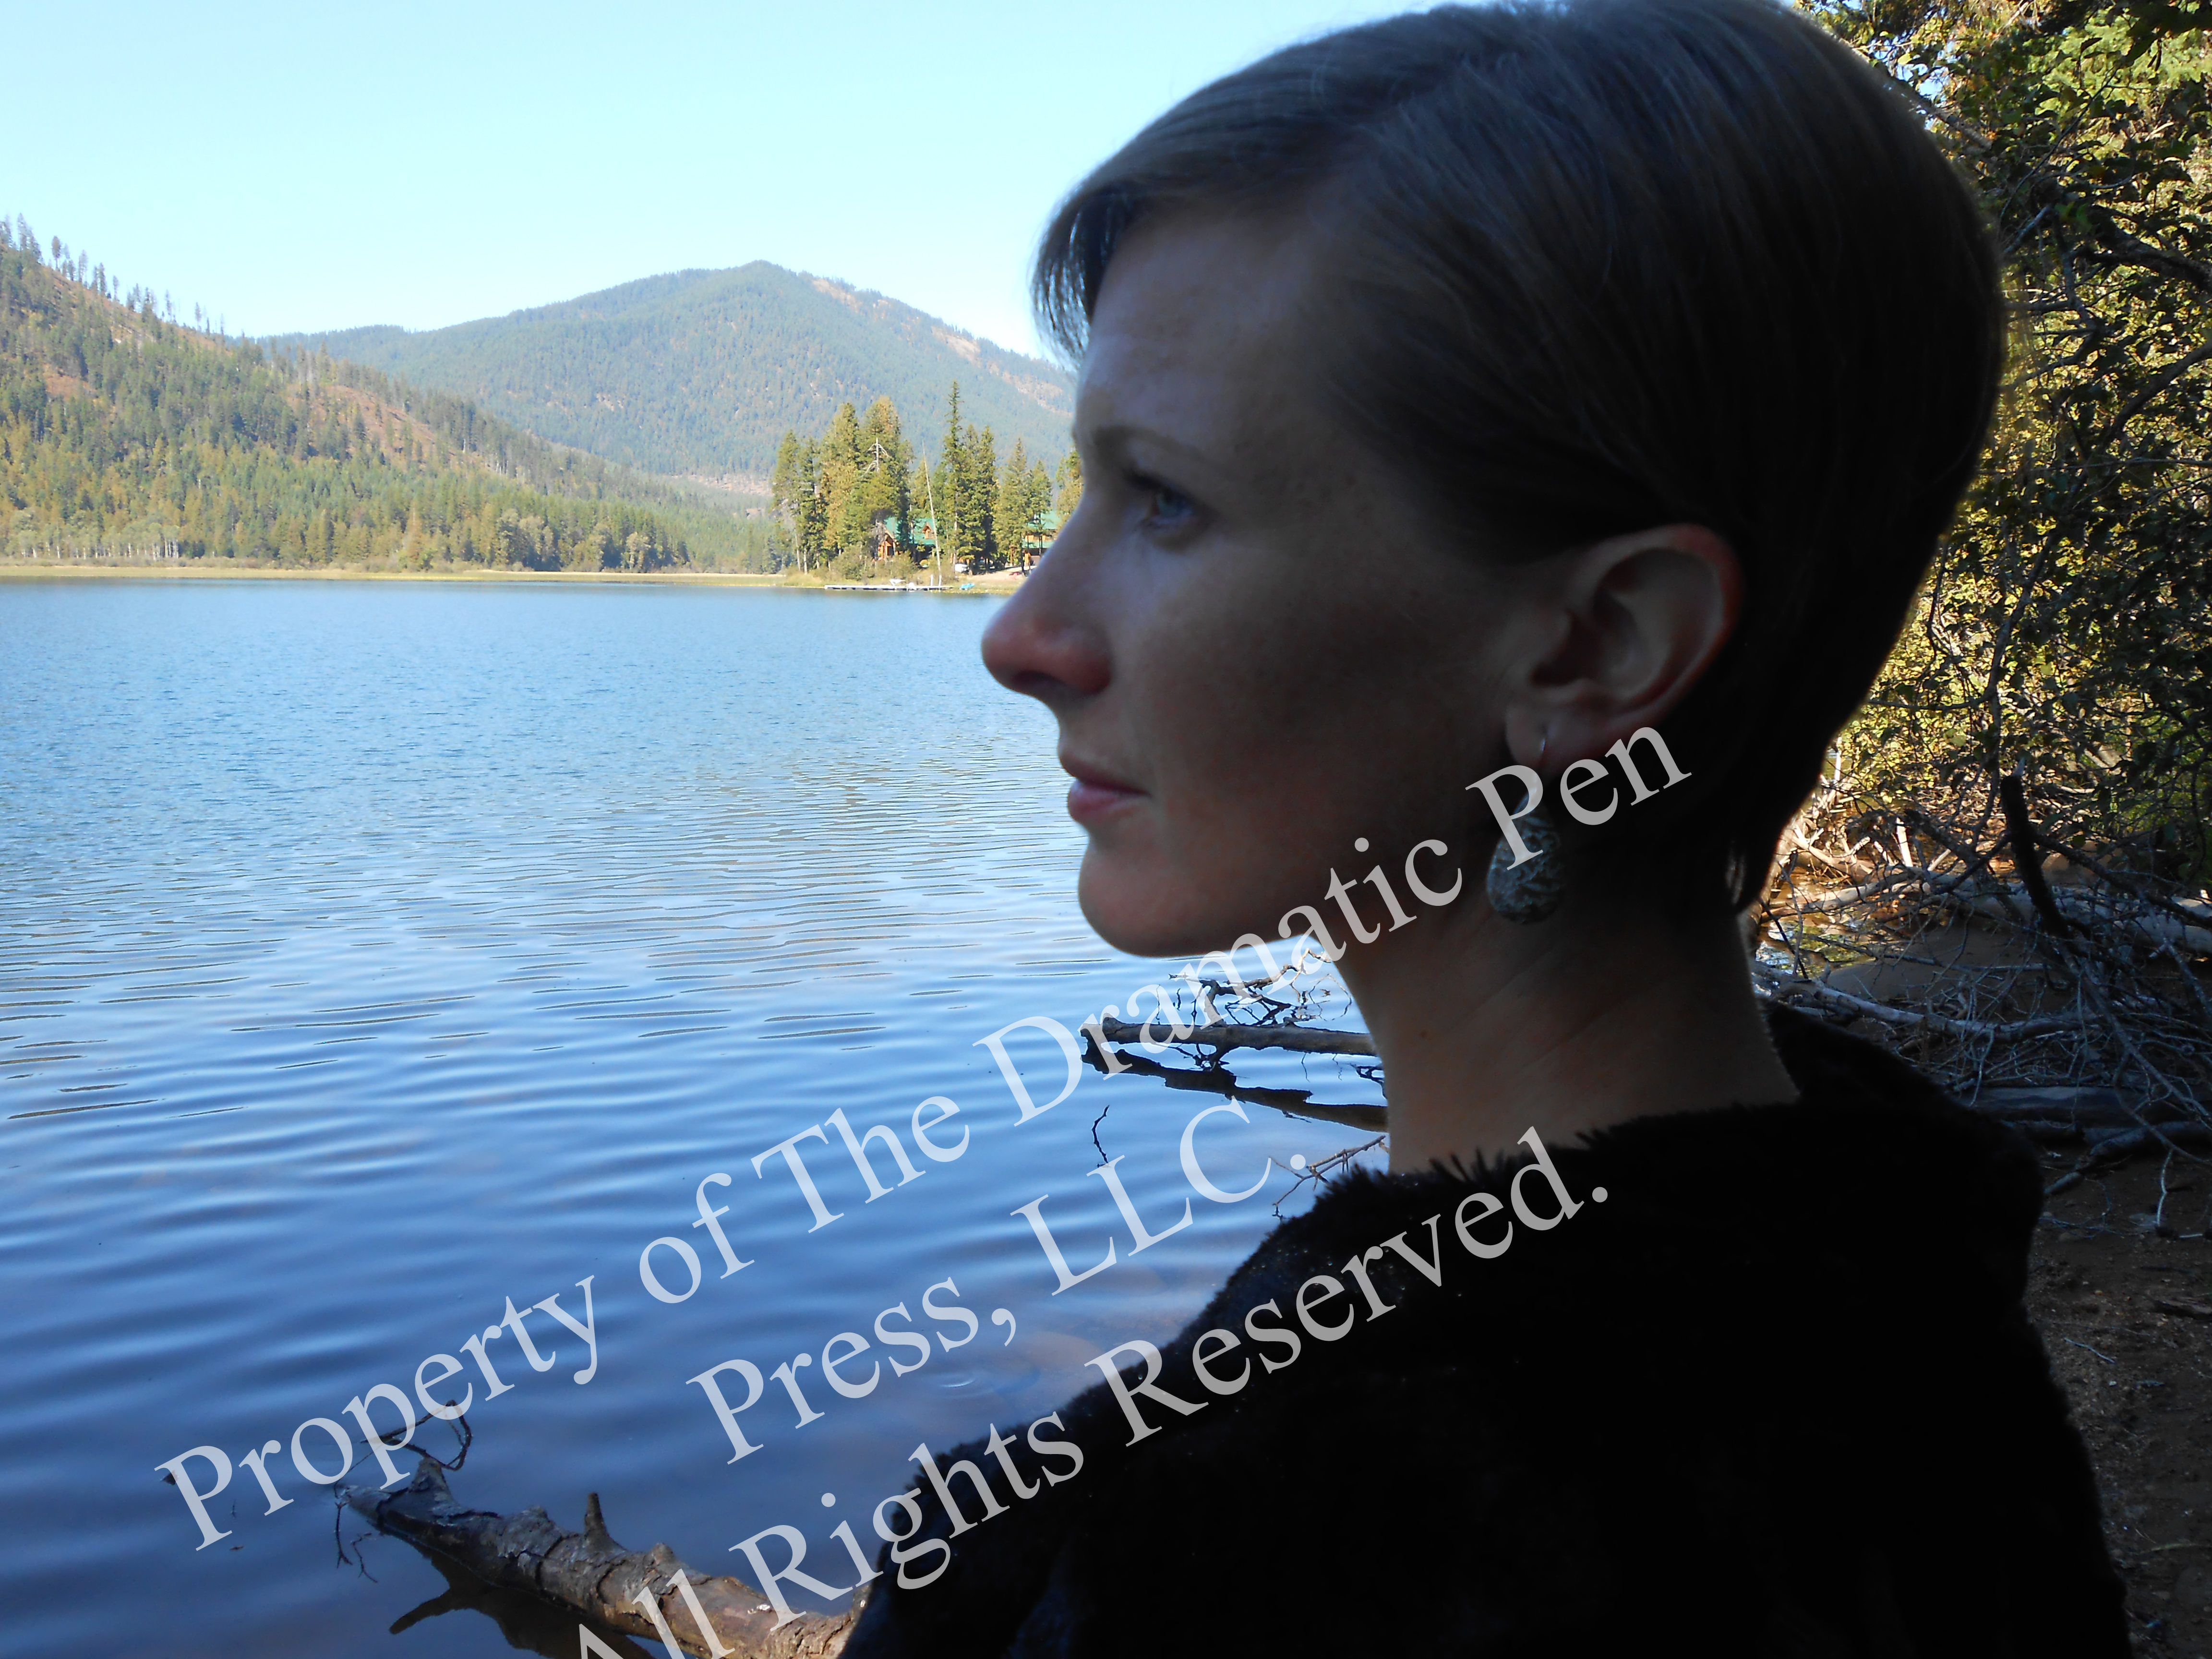 Pretty Girl by Lake